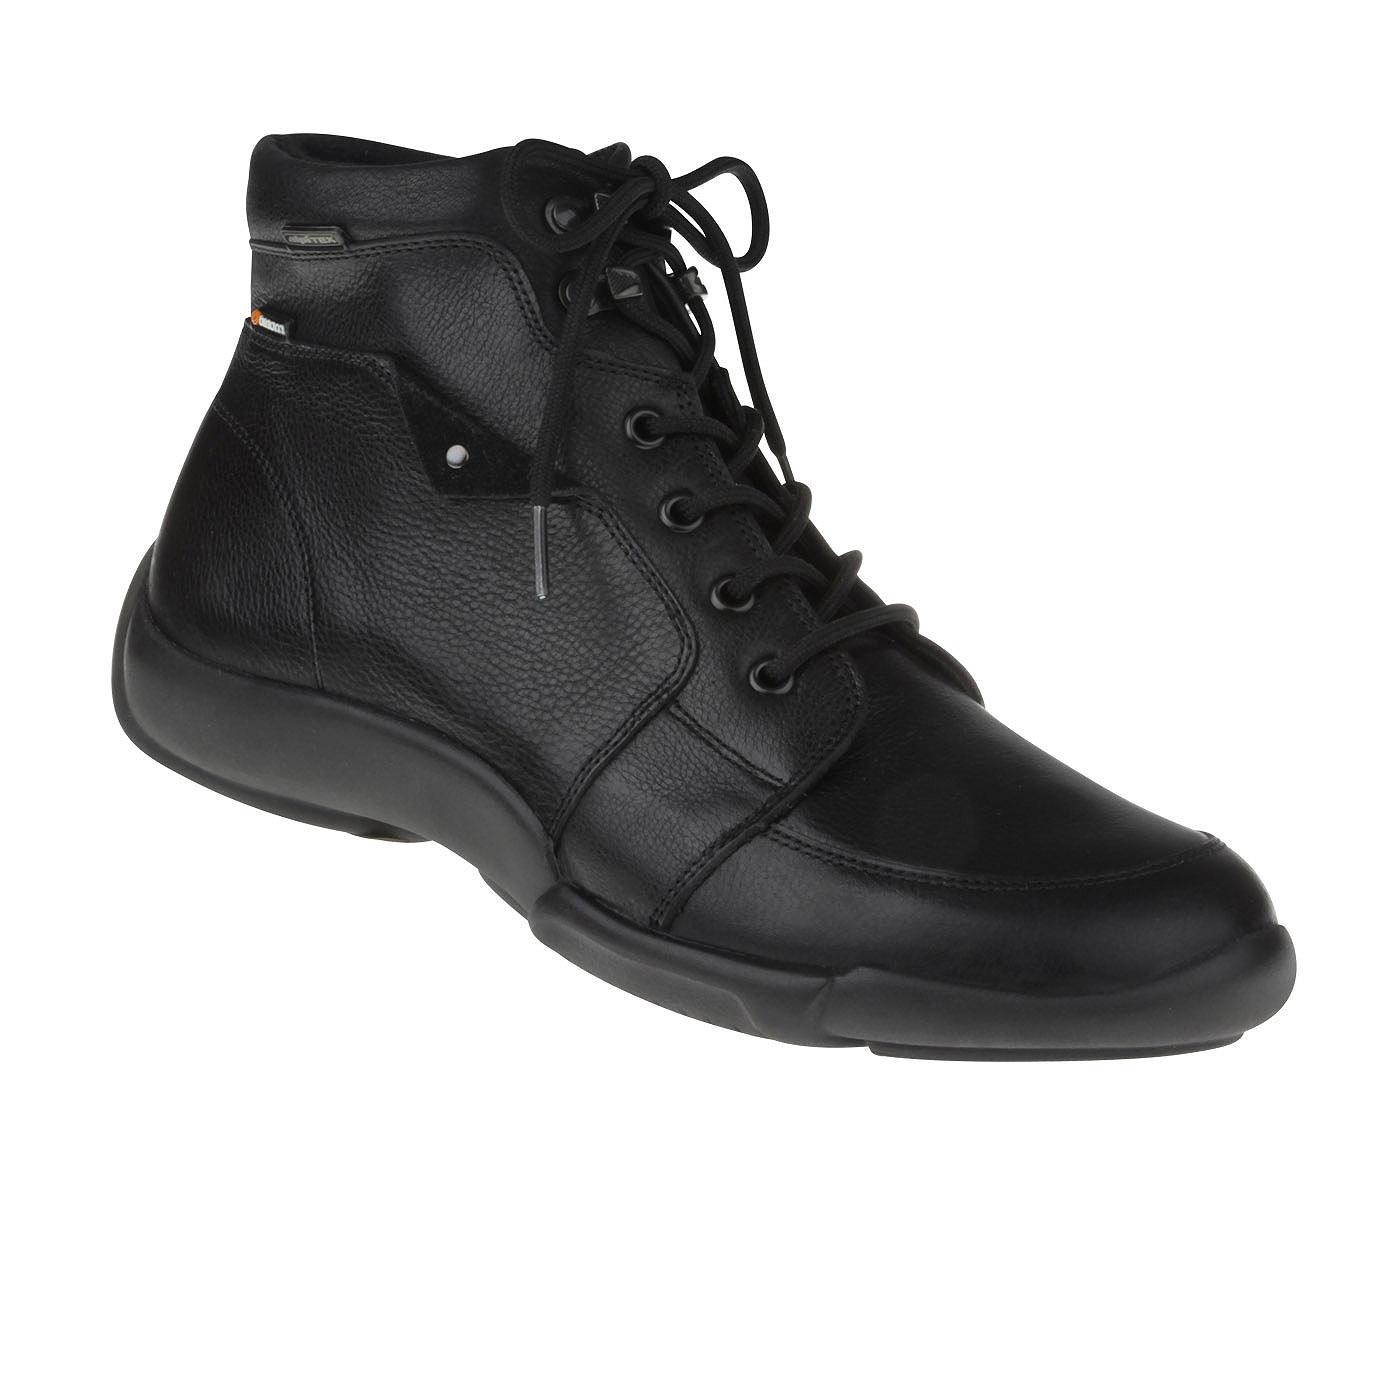 Schaft Stiefel 46 Preisvergleich • Die besten Angebote